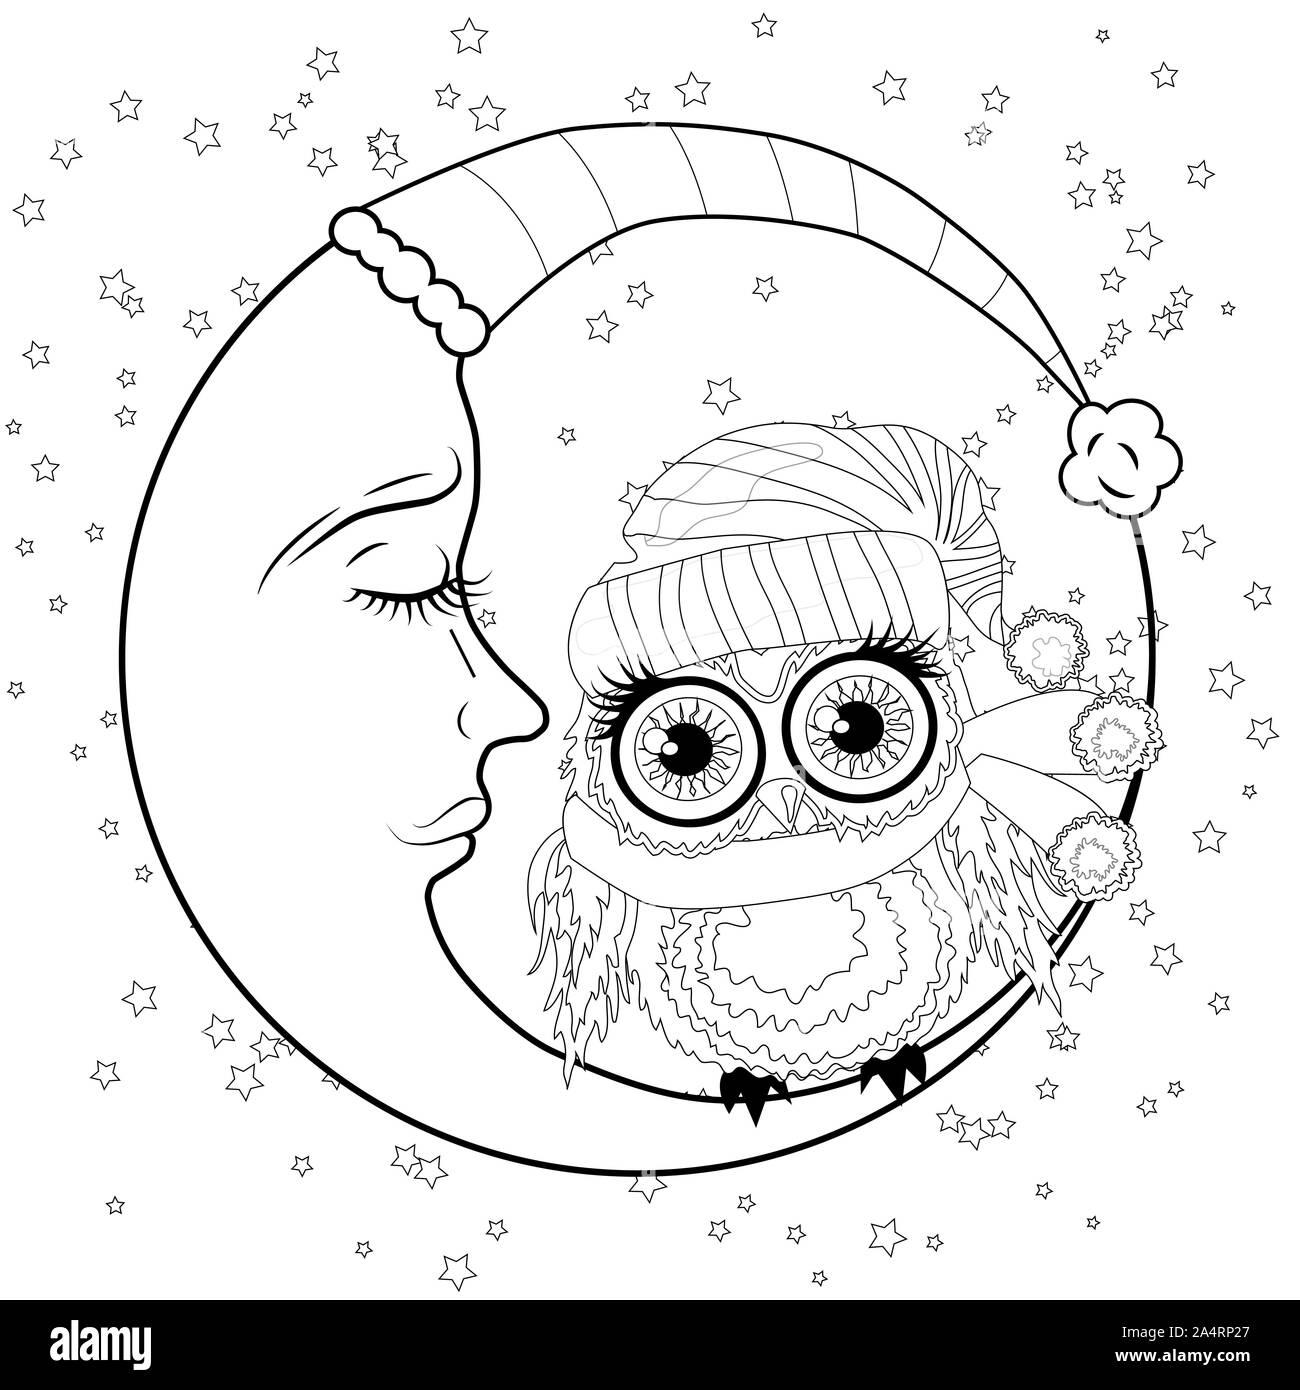 Libro Da Colorare Per Pazienti Adulti E Bambini Di Eta Superiore Pagina Di Colorazione Con Un Gufo Sulla Luna Tra Le Stelle Foto Stock Alamy